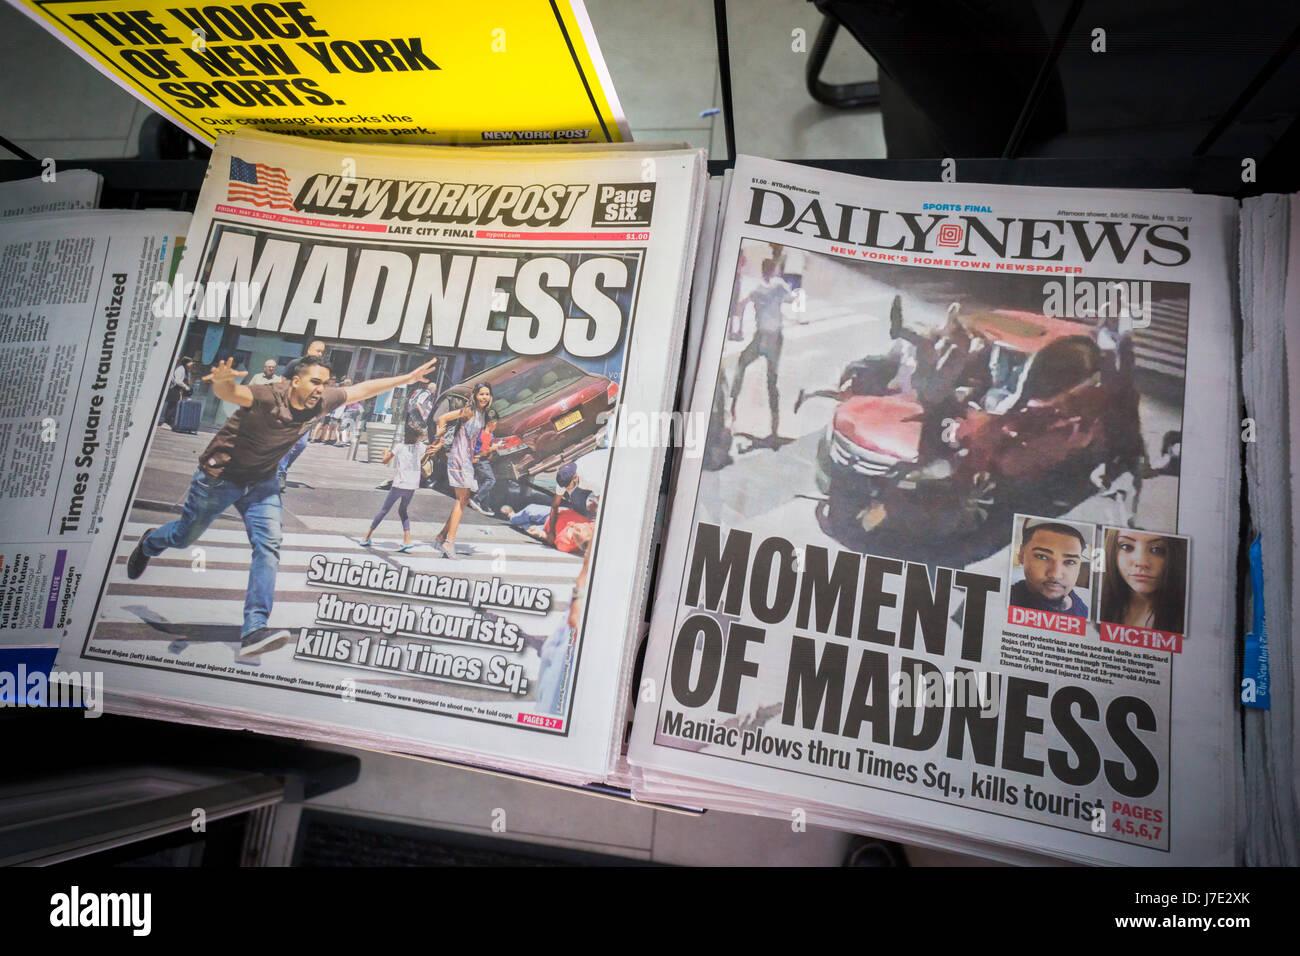 Journaux de New York, le vendredi 19 mai, 2017 Rapport sur les jours précédents' rampage prétendument par Richard Rojas à Times Square, qui fait un mort et 22 blessés en conduisant une Honda Accord dans la foule. (© Richard B. Levine) Banque D'Images